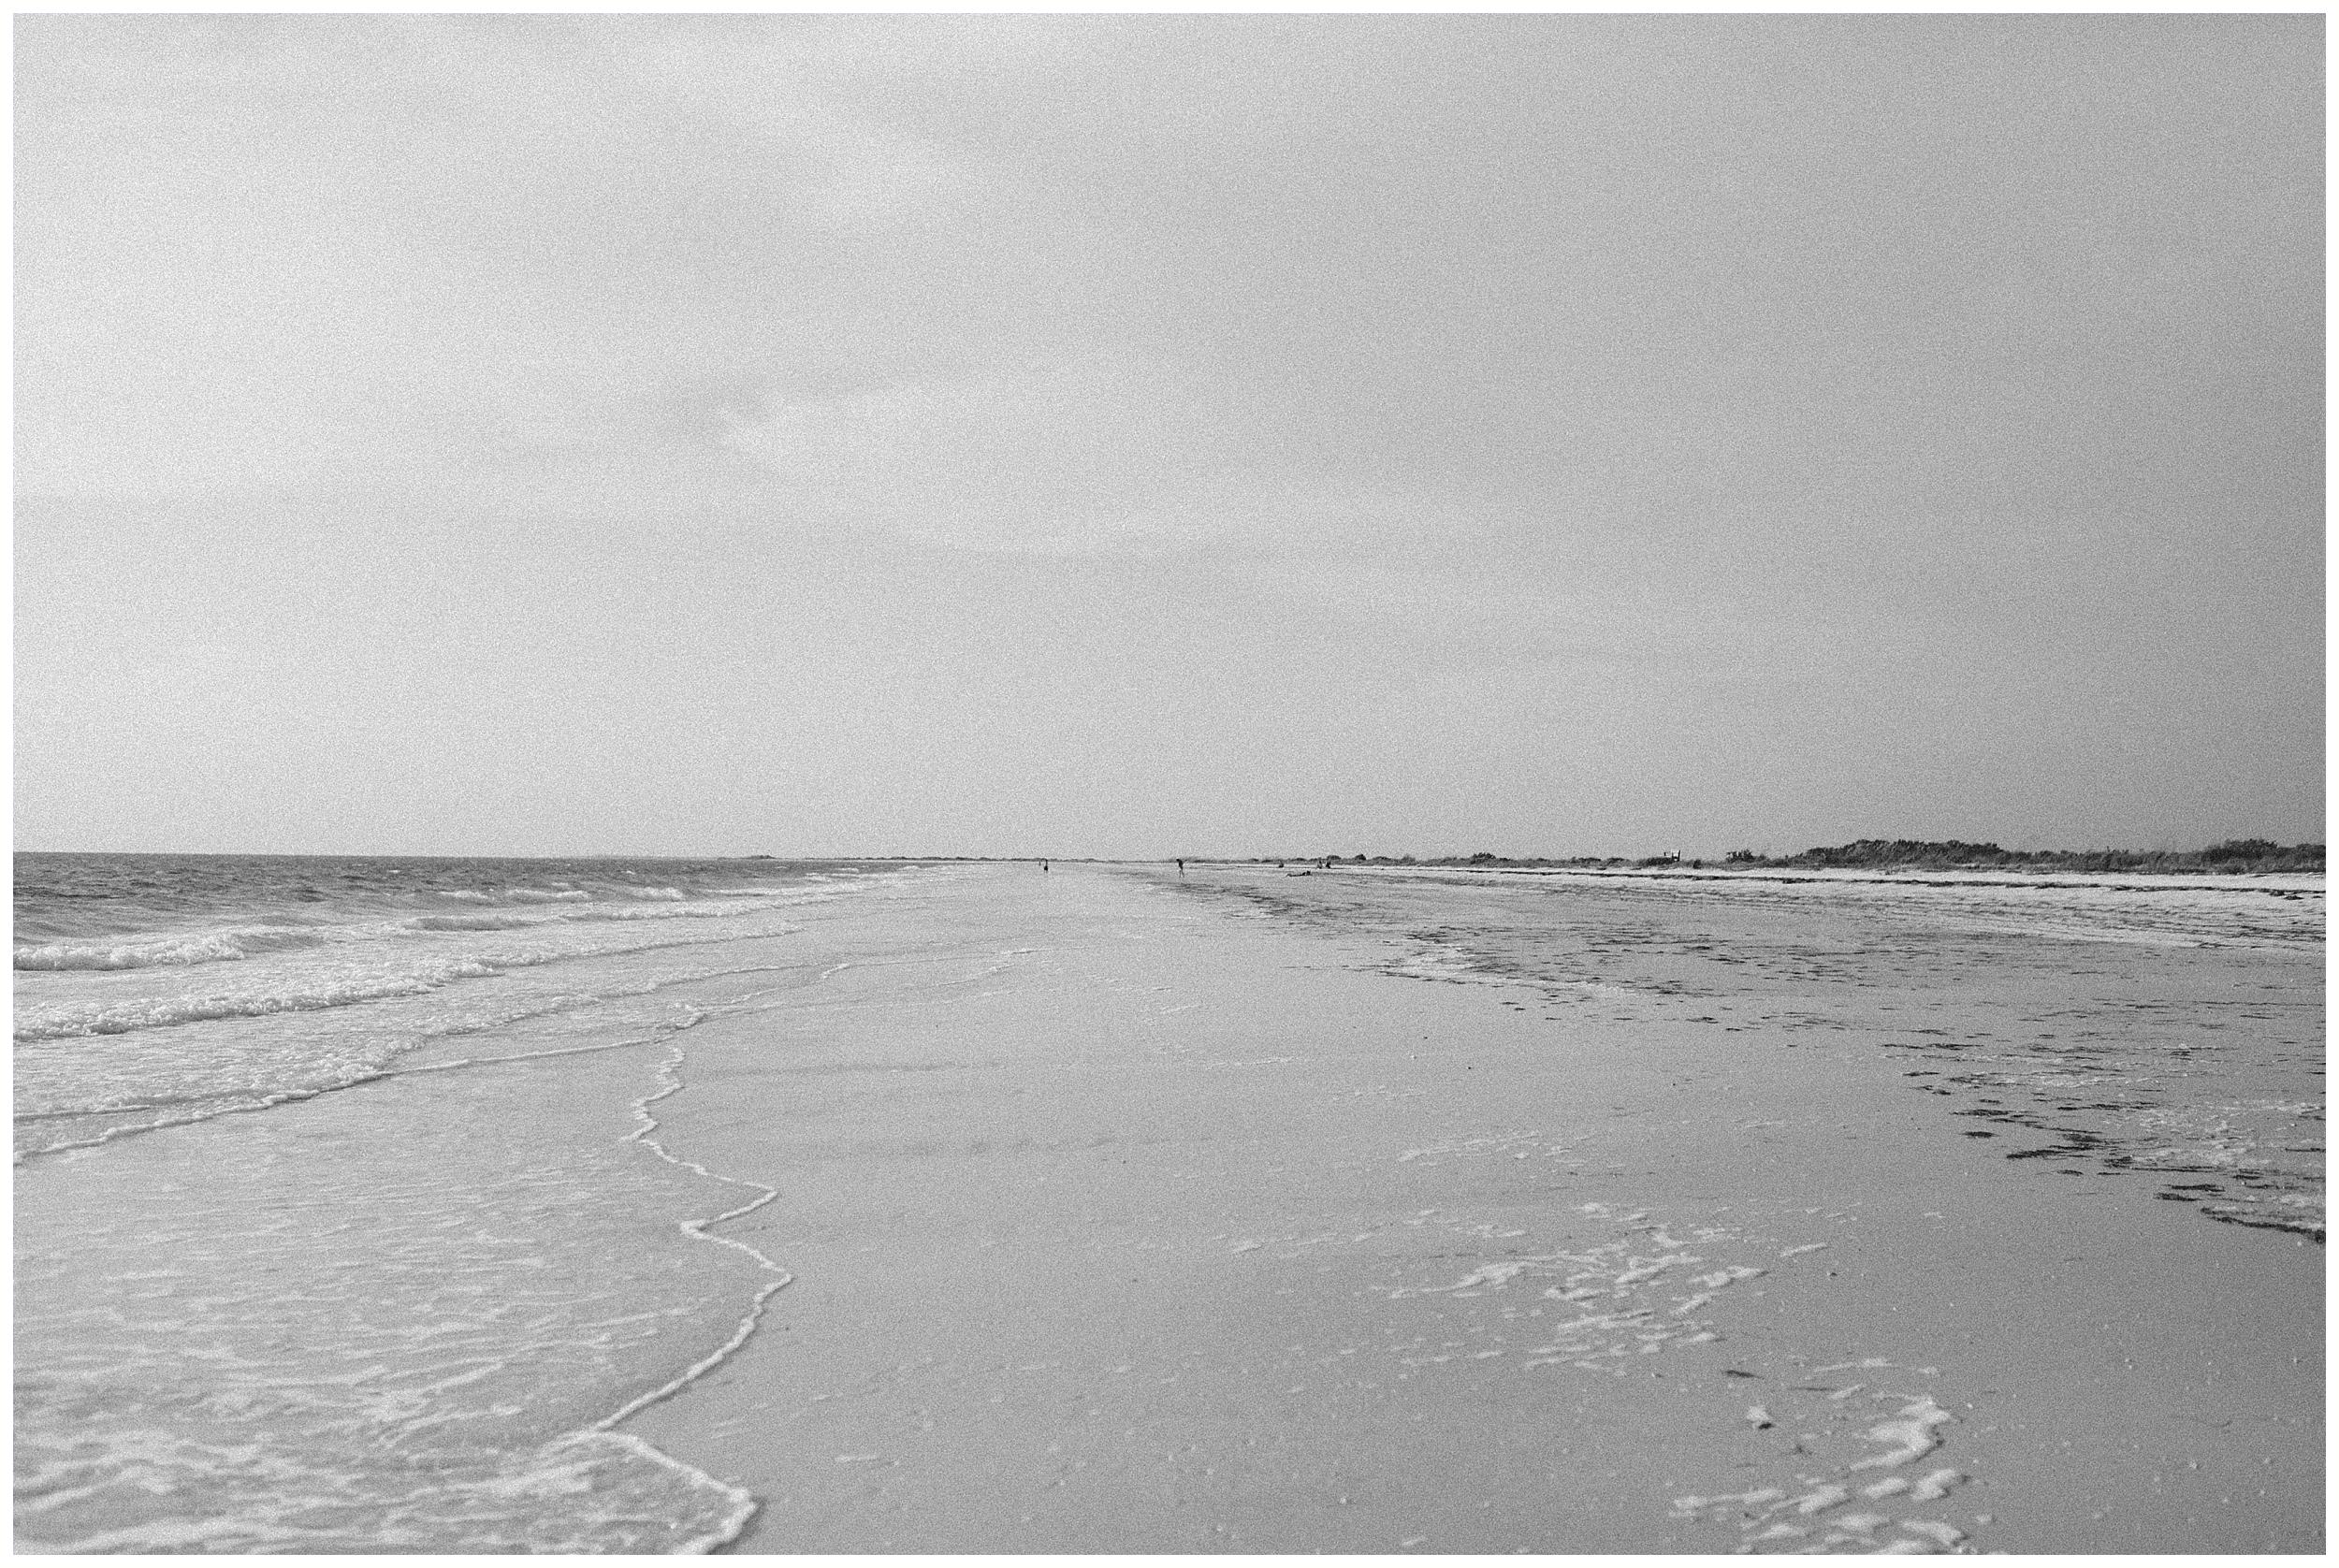 honeymoon-island-beach-photography-lexington-ky-family-lifestyle-photography-priscilla-baierlein-photography.jpg